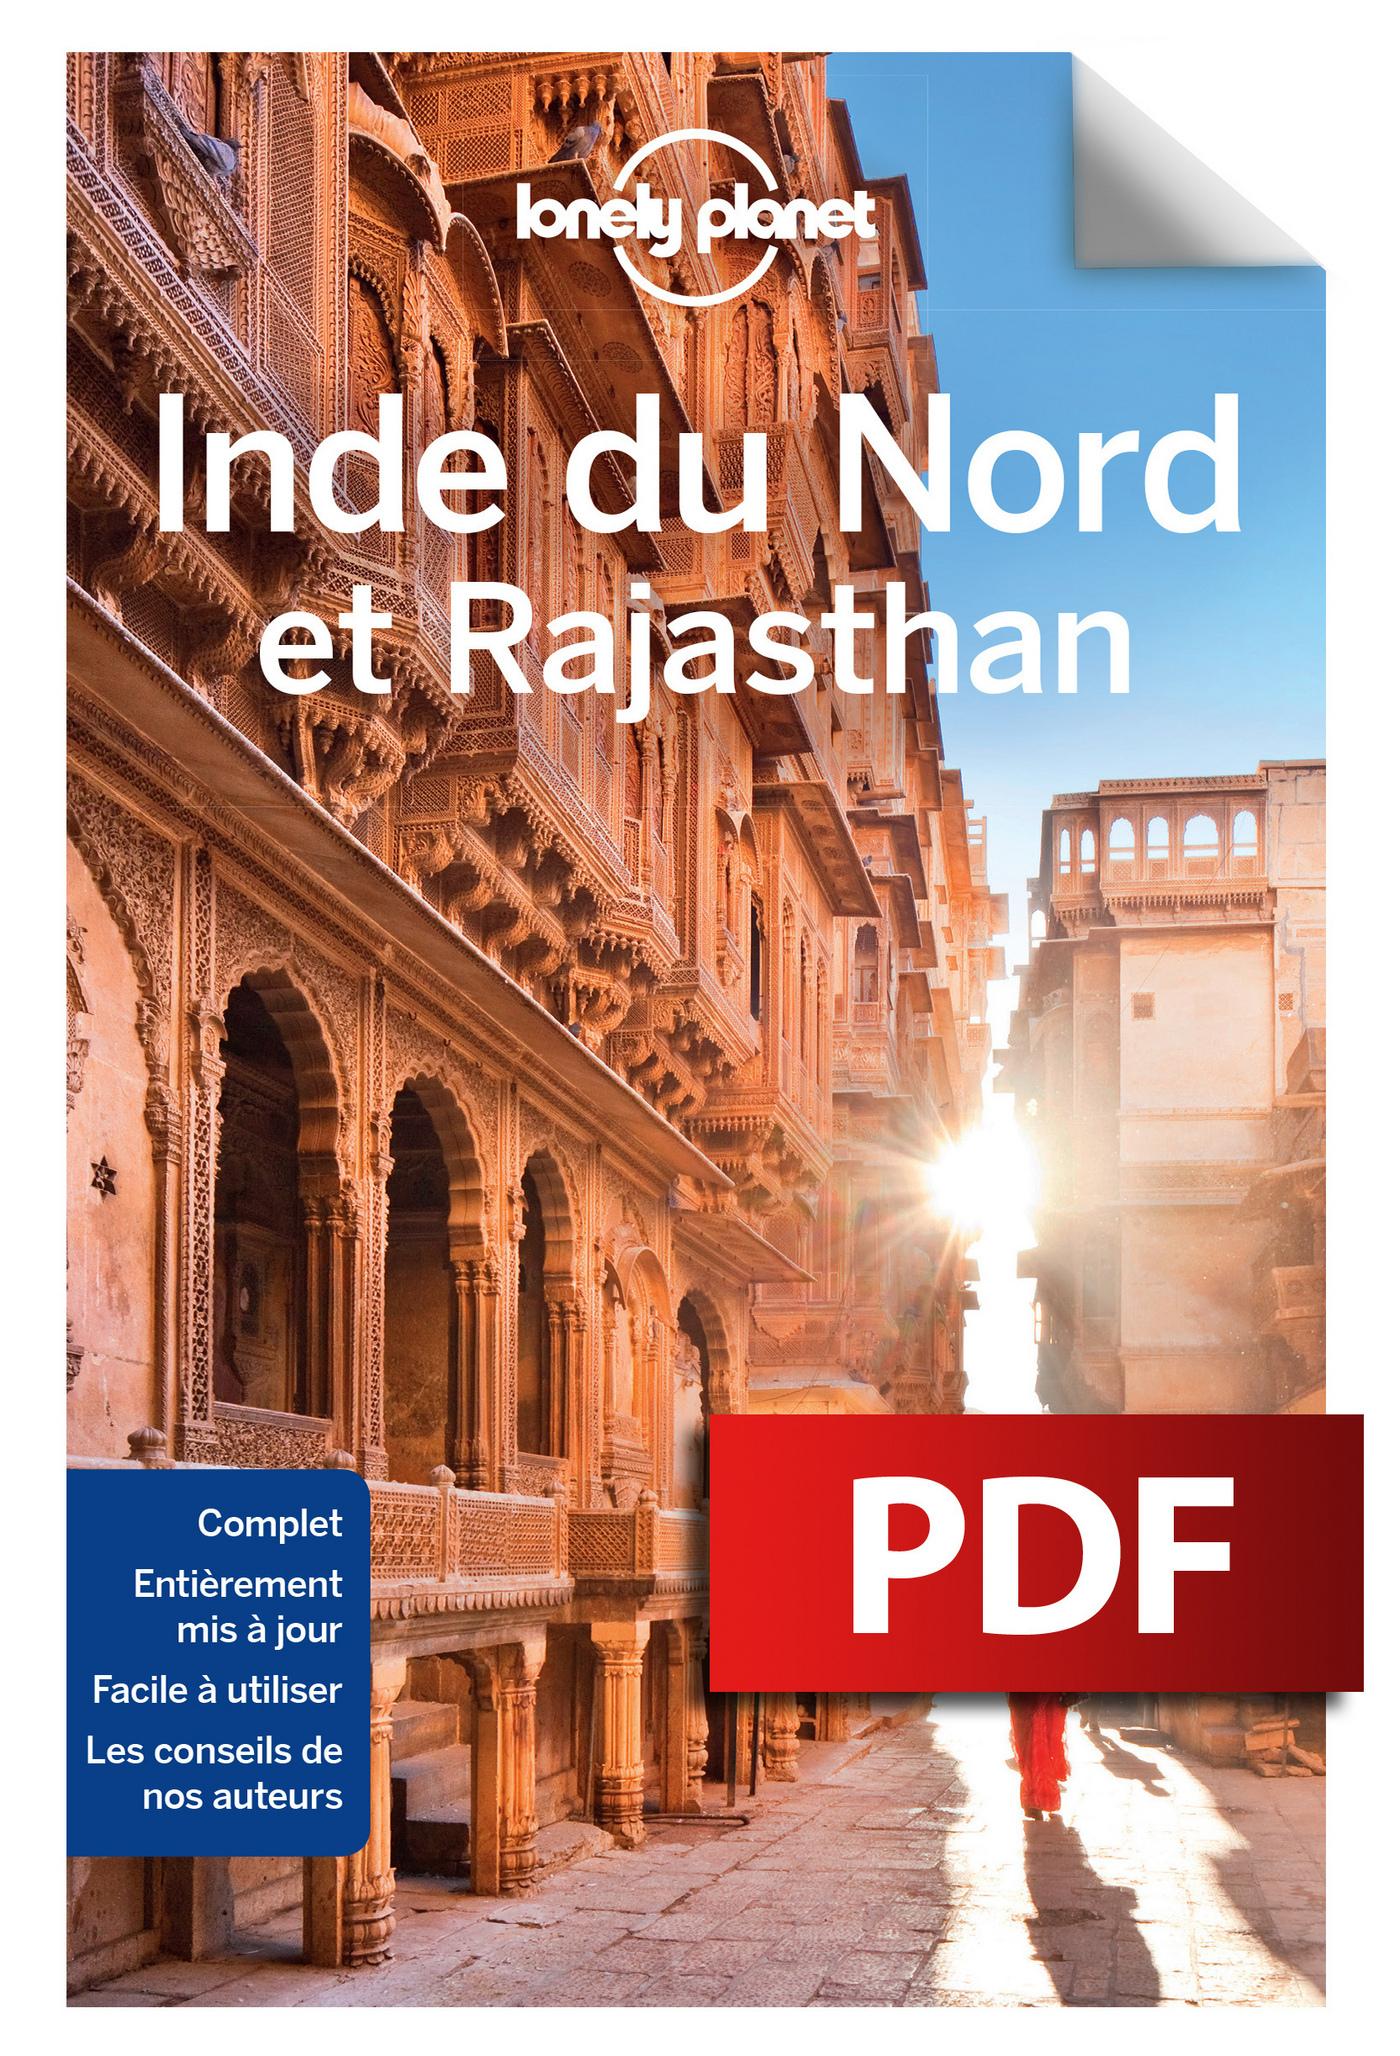 Inde du nord - 7 ed